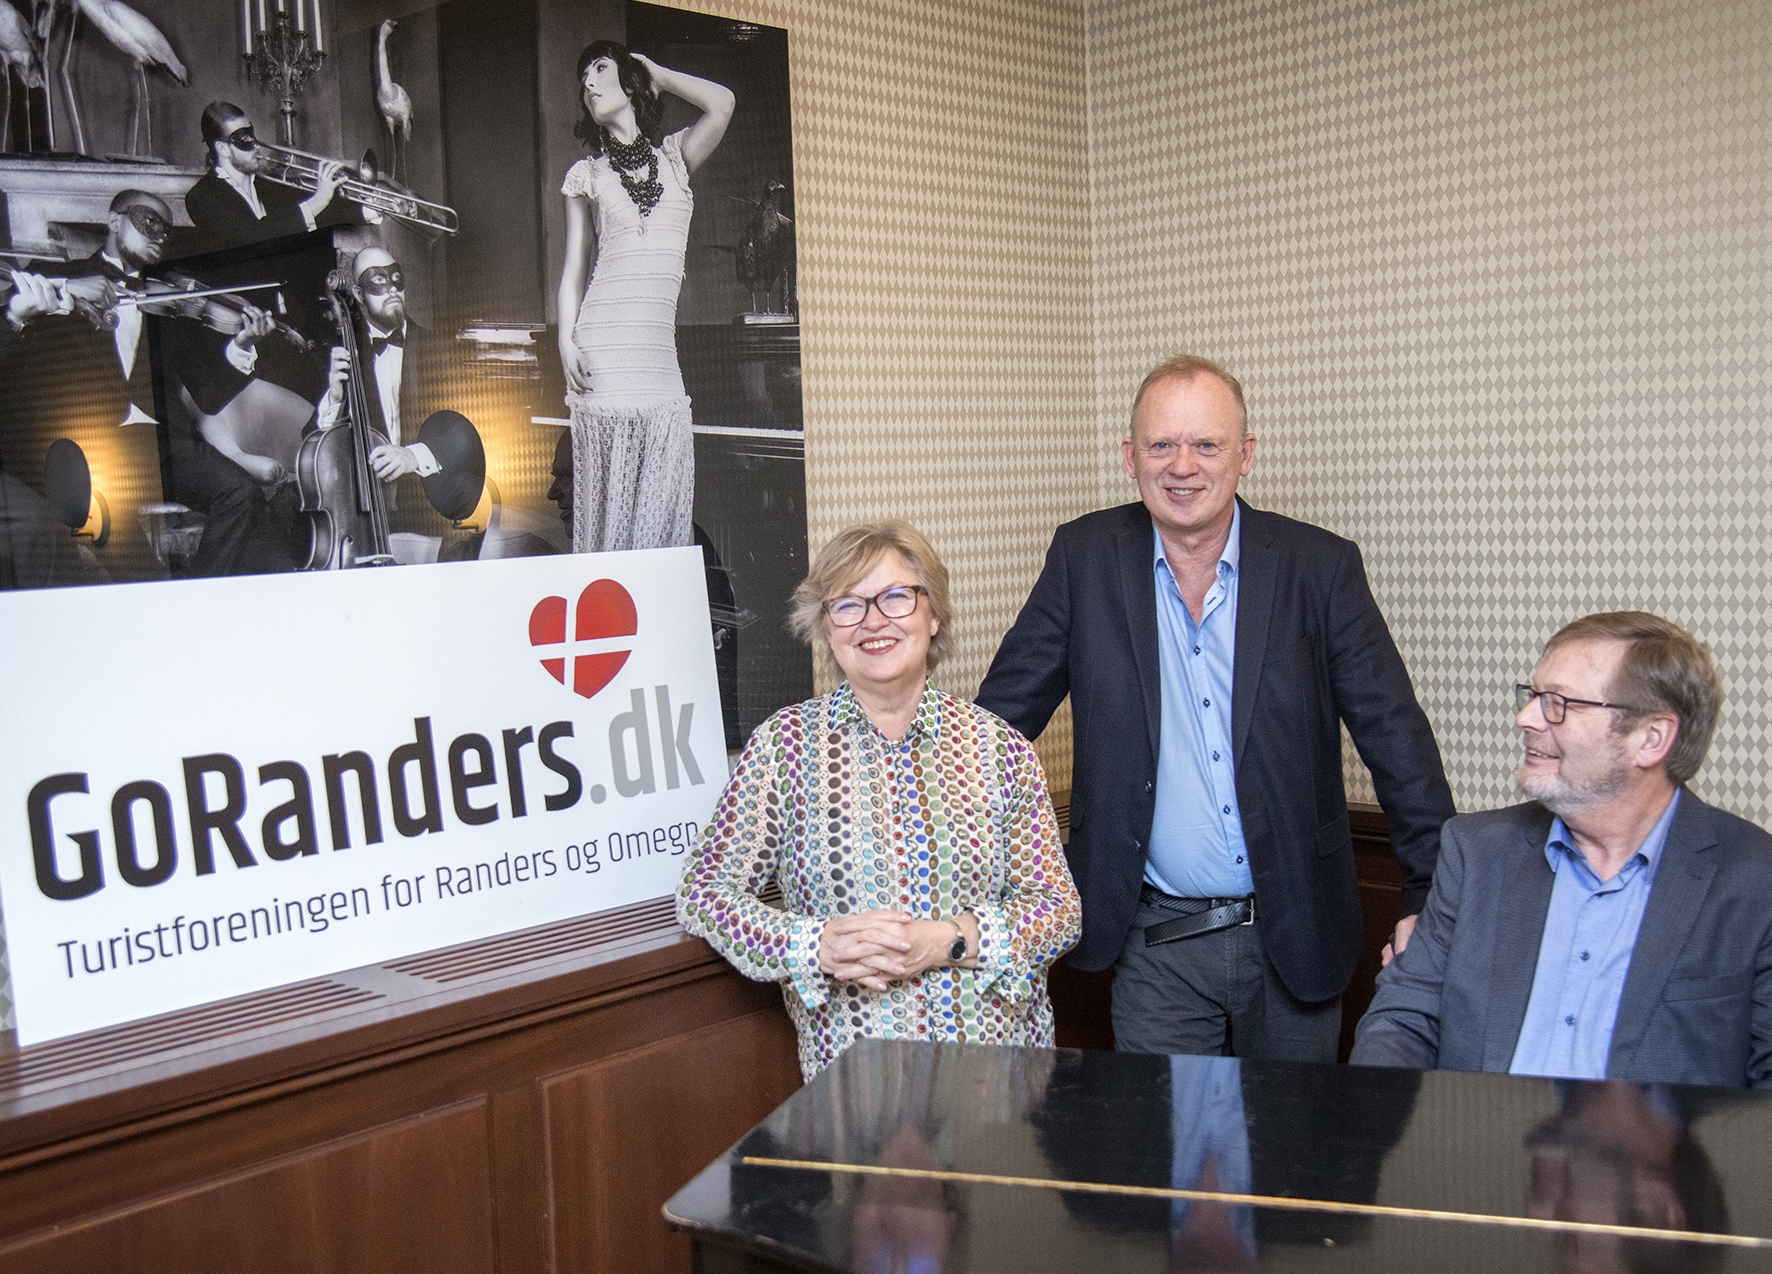 Trioen bag nyetablerede GoRanders er Randers' afgående turistdirektør, Anne-Mette Knattrup, Christian Krogh, stående, medejer af blandt andet Risskov Bilferie, og Peder V. Poulsen, direktør for Turistforeningen for Randers og Omegn. Fremsendt PR-foto.